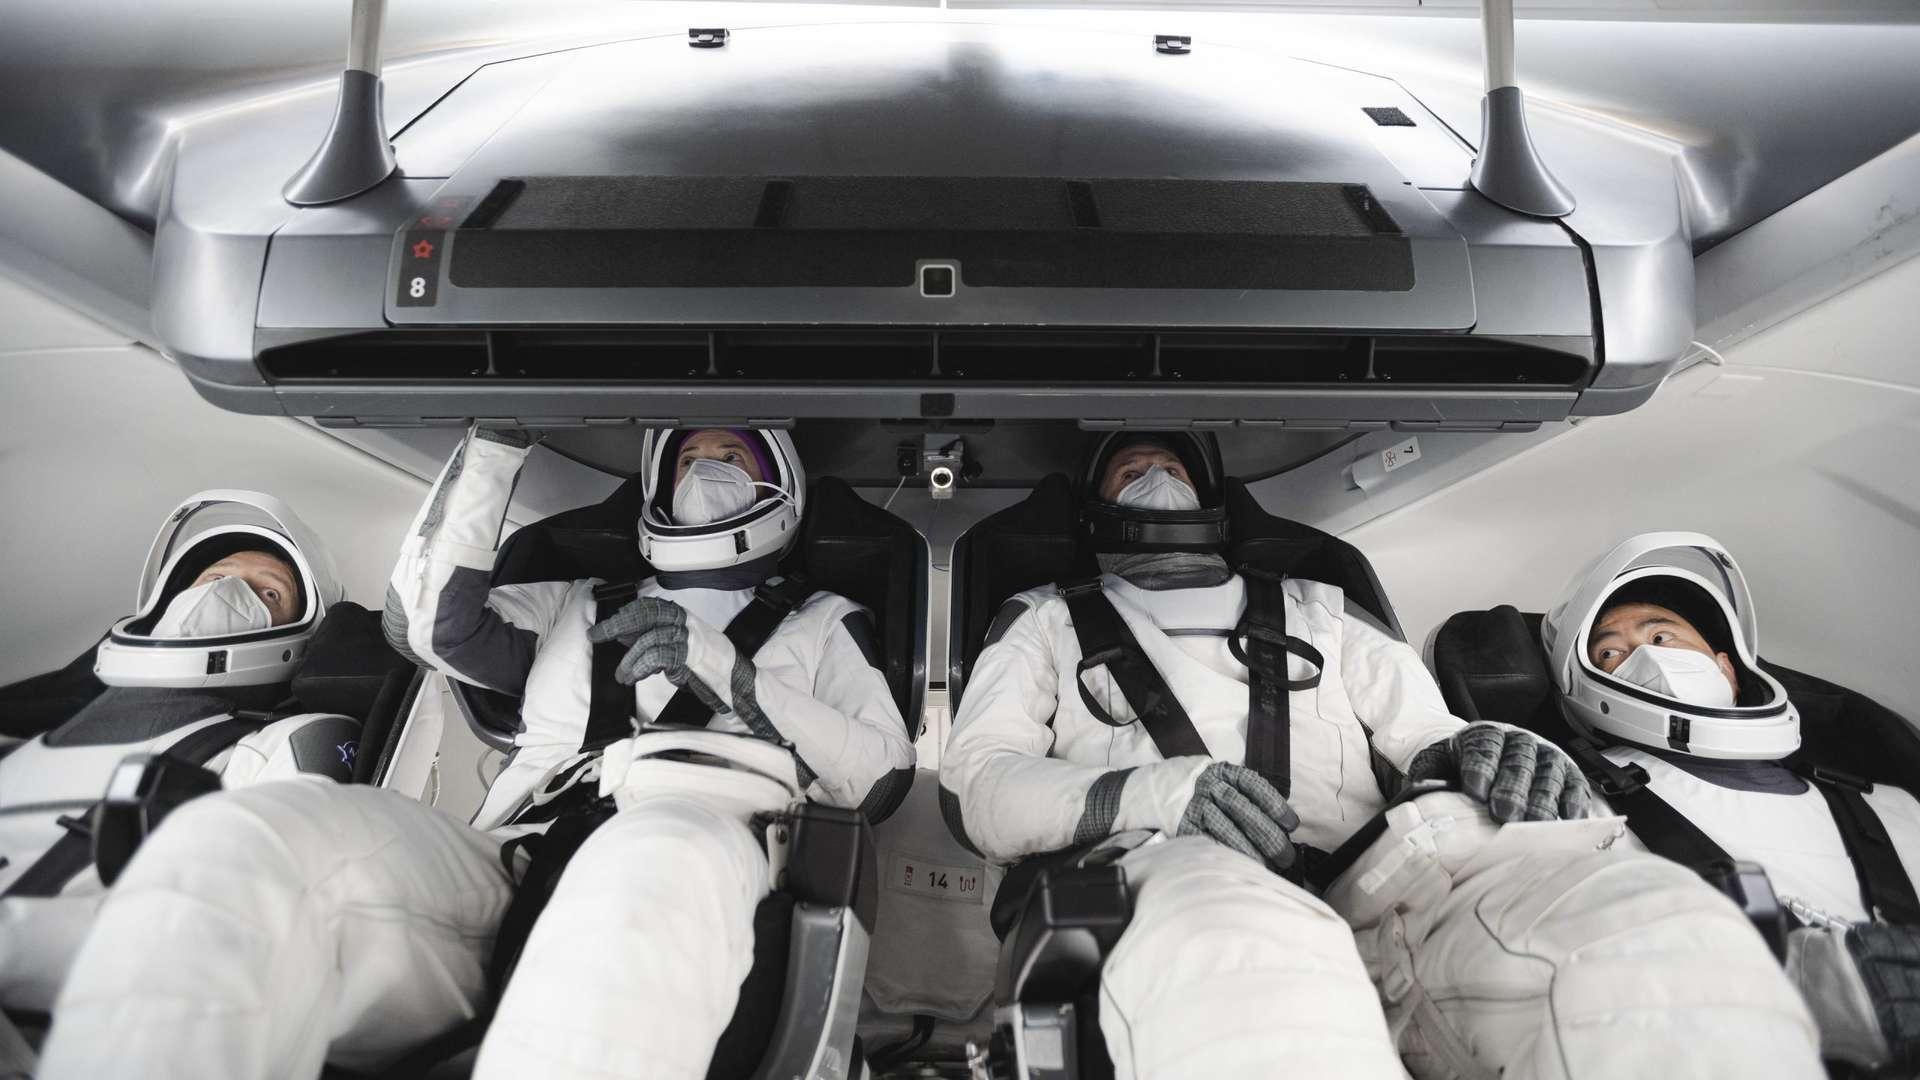 Les membres de la mission Alpha ont participé à un entraînement en Californie, le 11 janvier 2021. À gauche, Thomas Pesquet, l'astronaute de l'Agence spatiale européenne (ESA). Puis les astronautes de la Nasa Megan McArthur et Shane Kimbrough et l'astronaute de l'Agence japonaise d'exploration aérospatiale (Jaxa) Akihiko Hoshide. © SpaceX